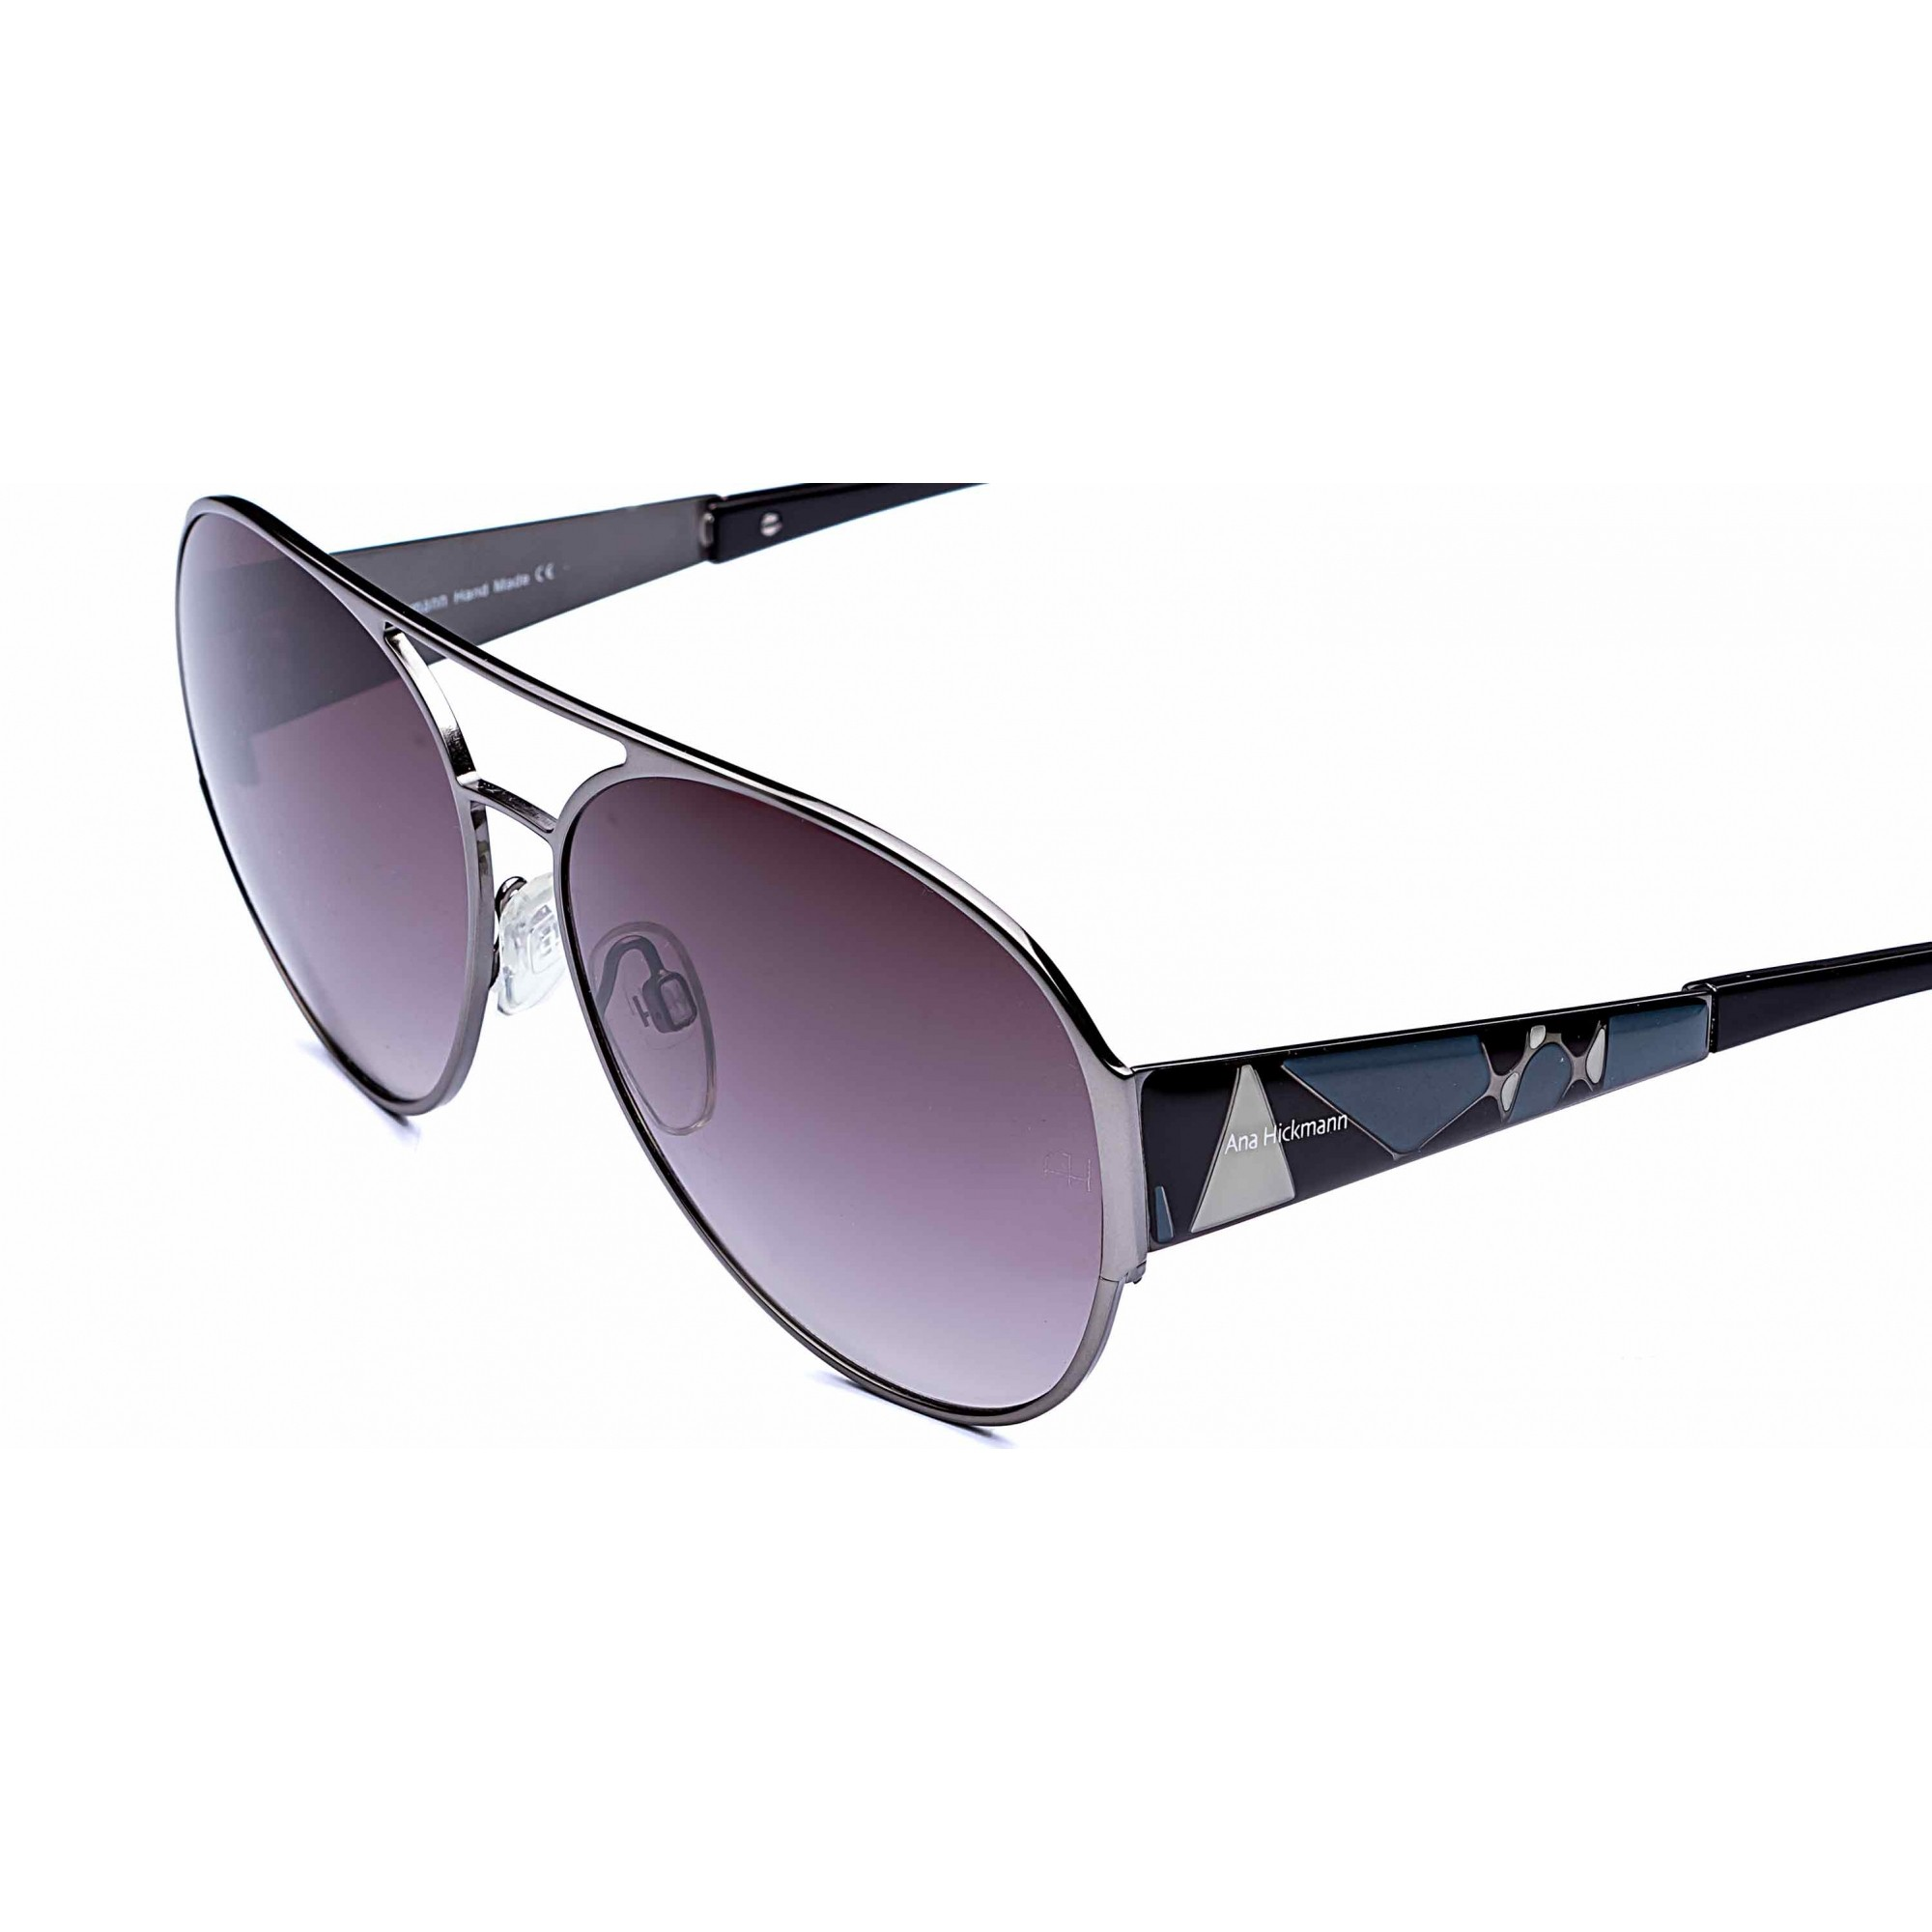 Óculos de Sol AH3133 02A Ana Hickmann - Original